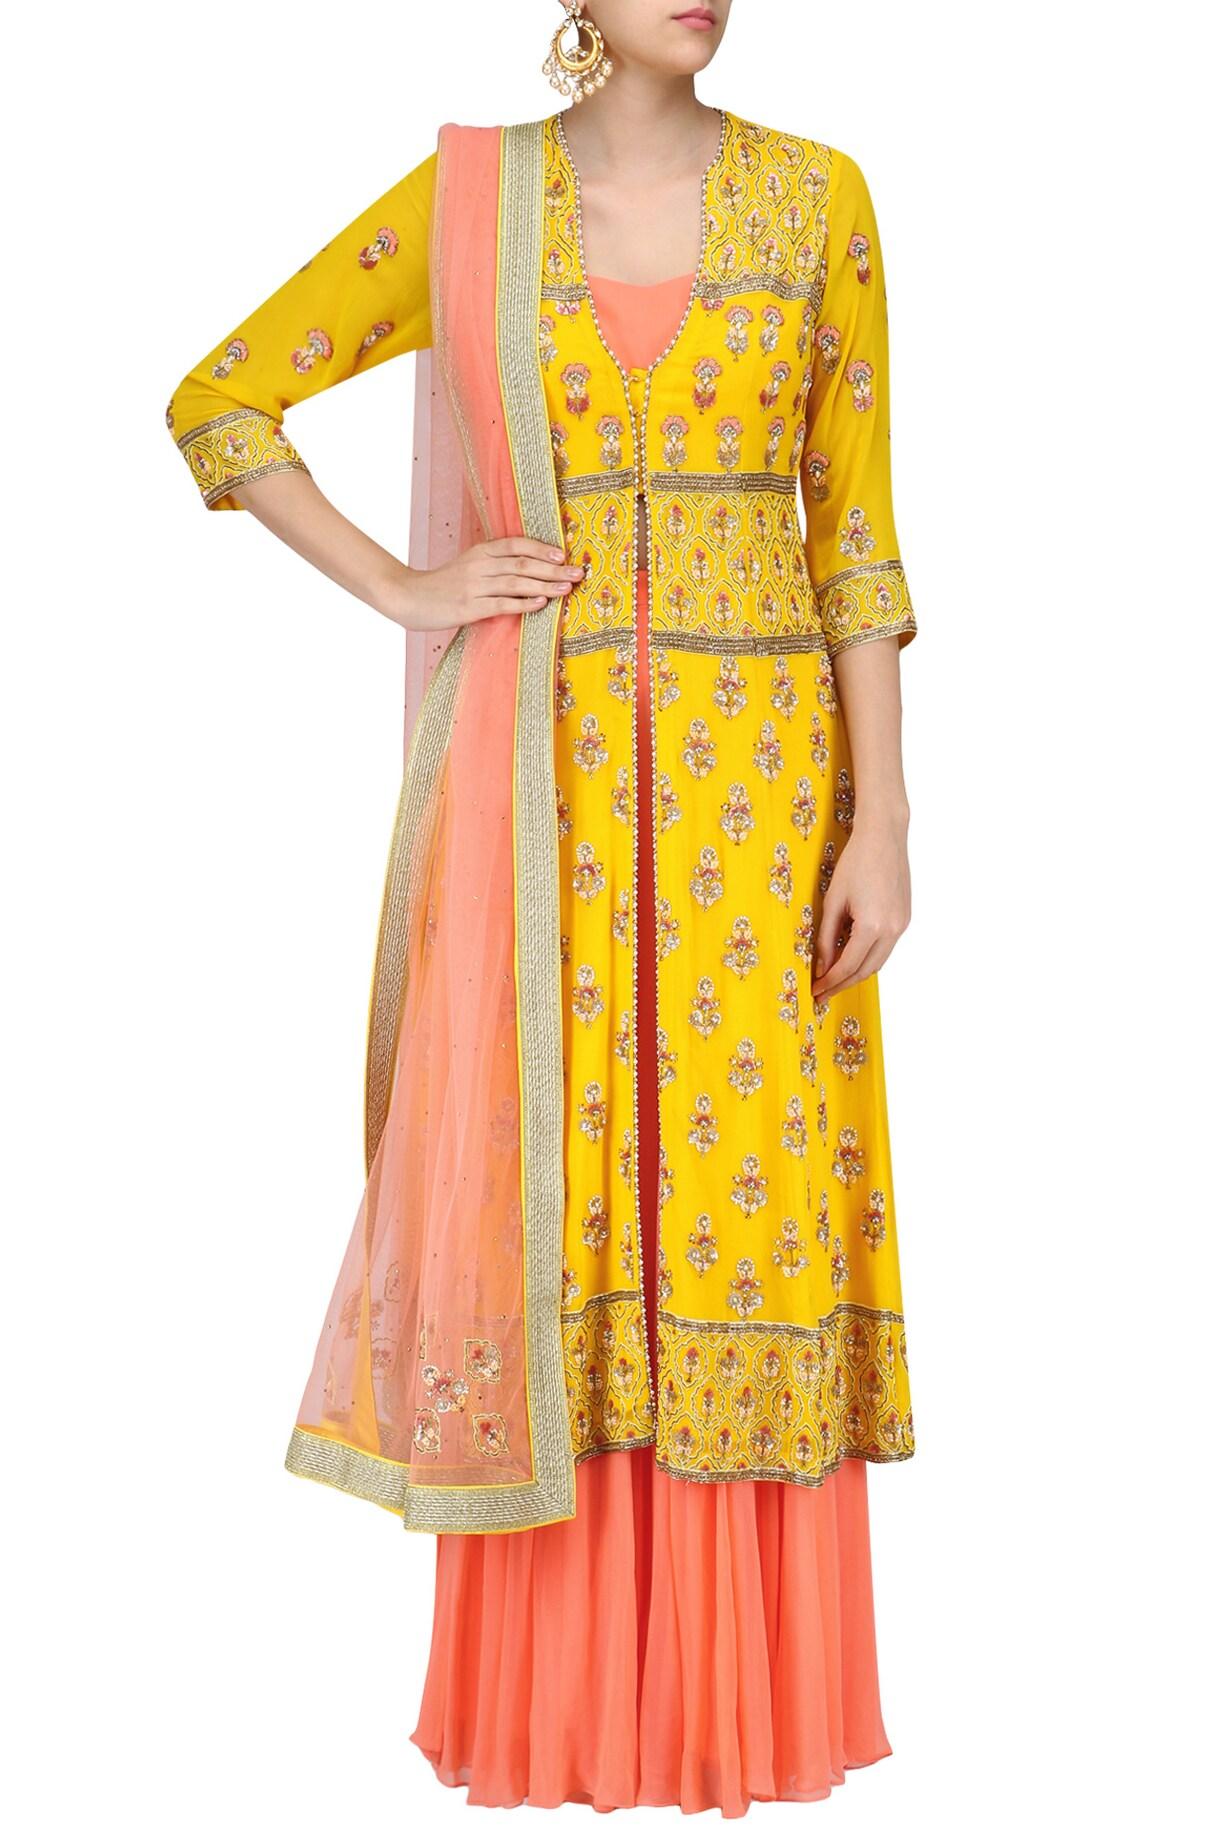 Sanna Mehan Array